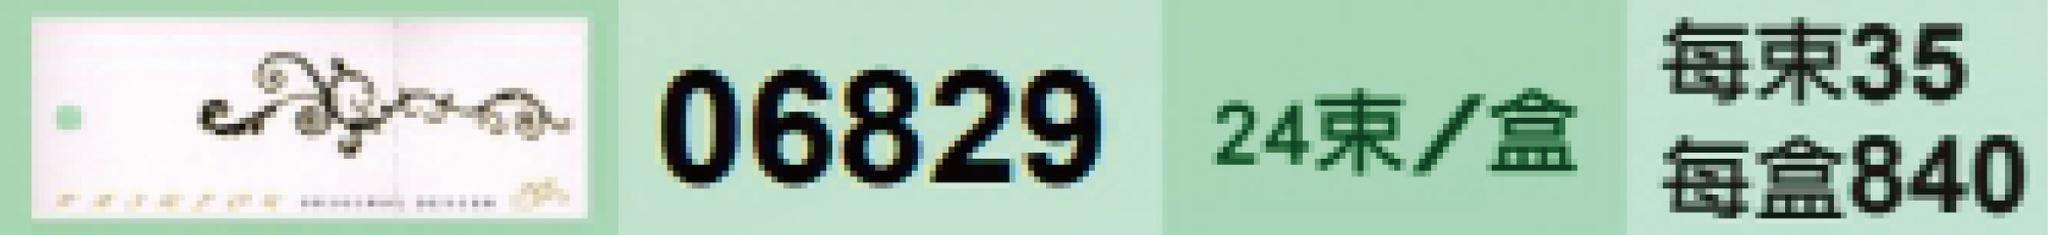 20181113 #4_181114_0006.jpg